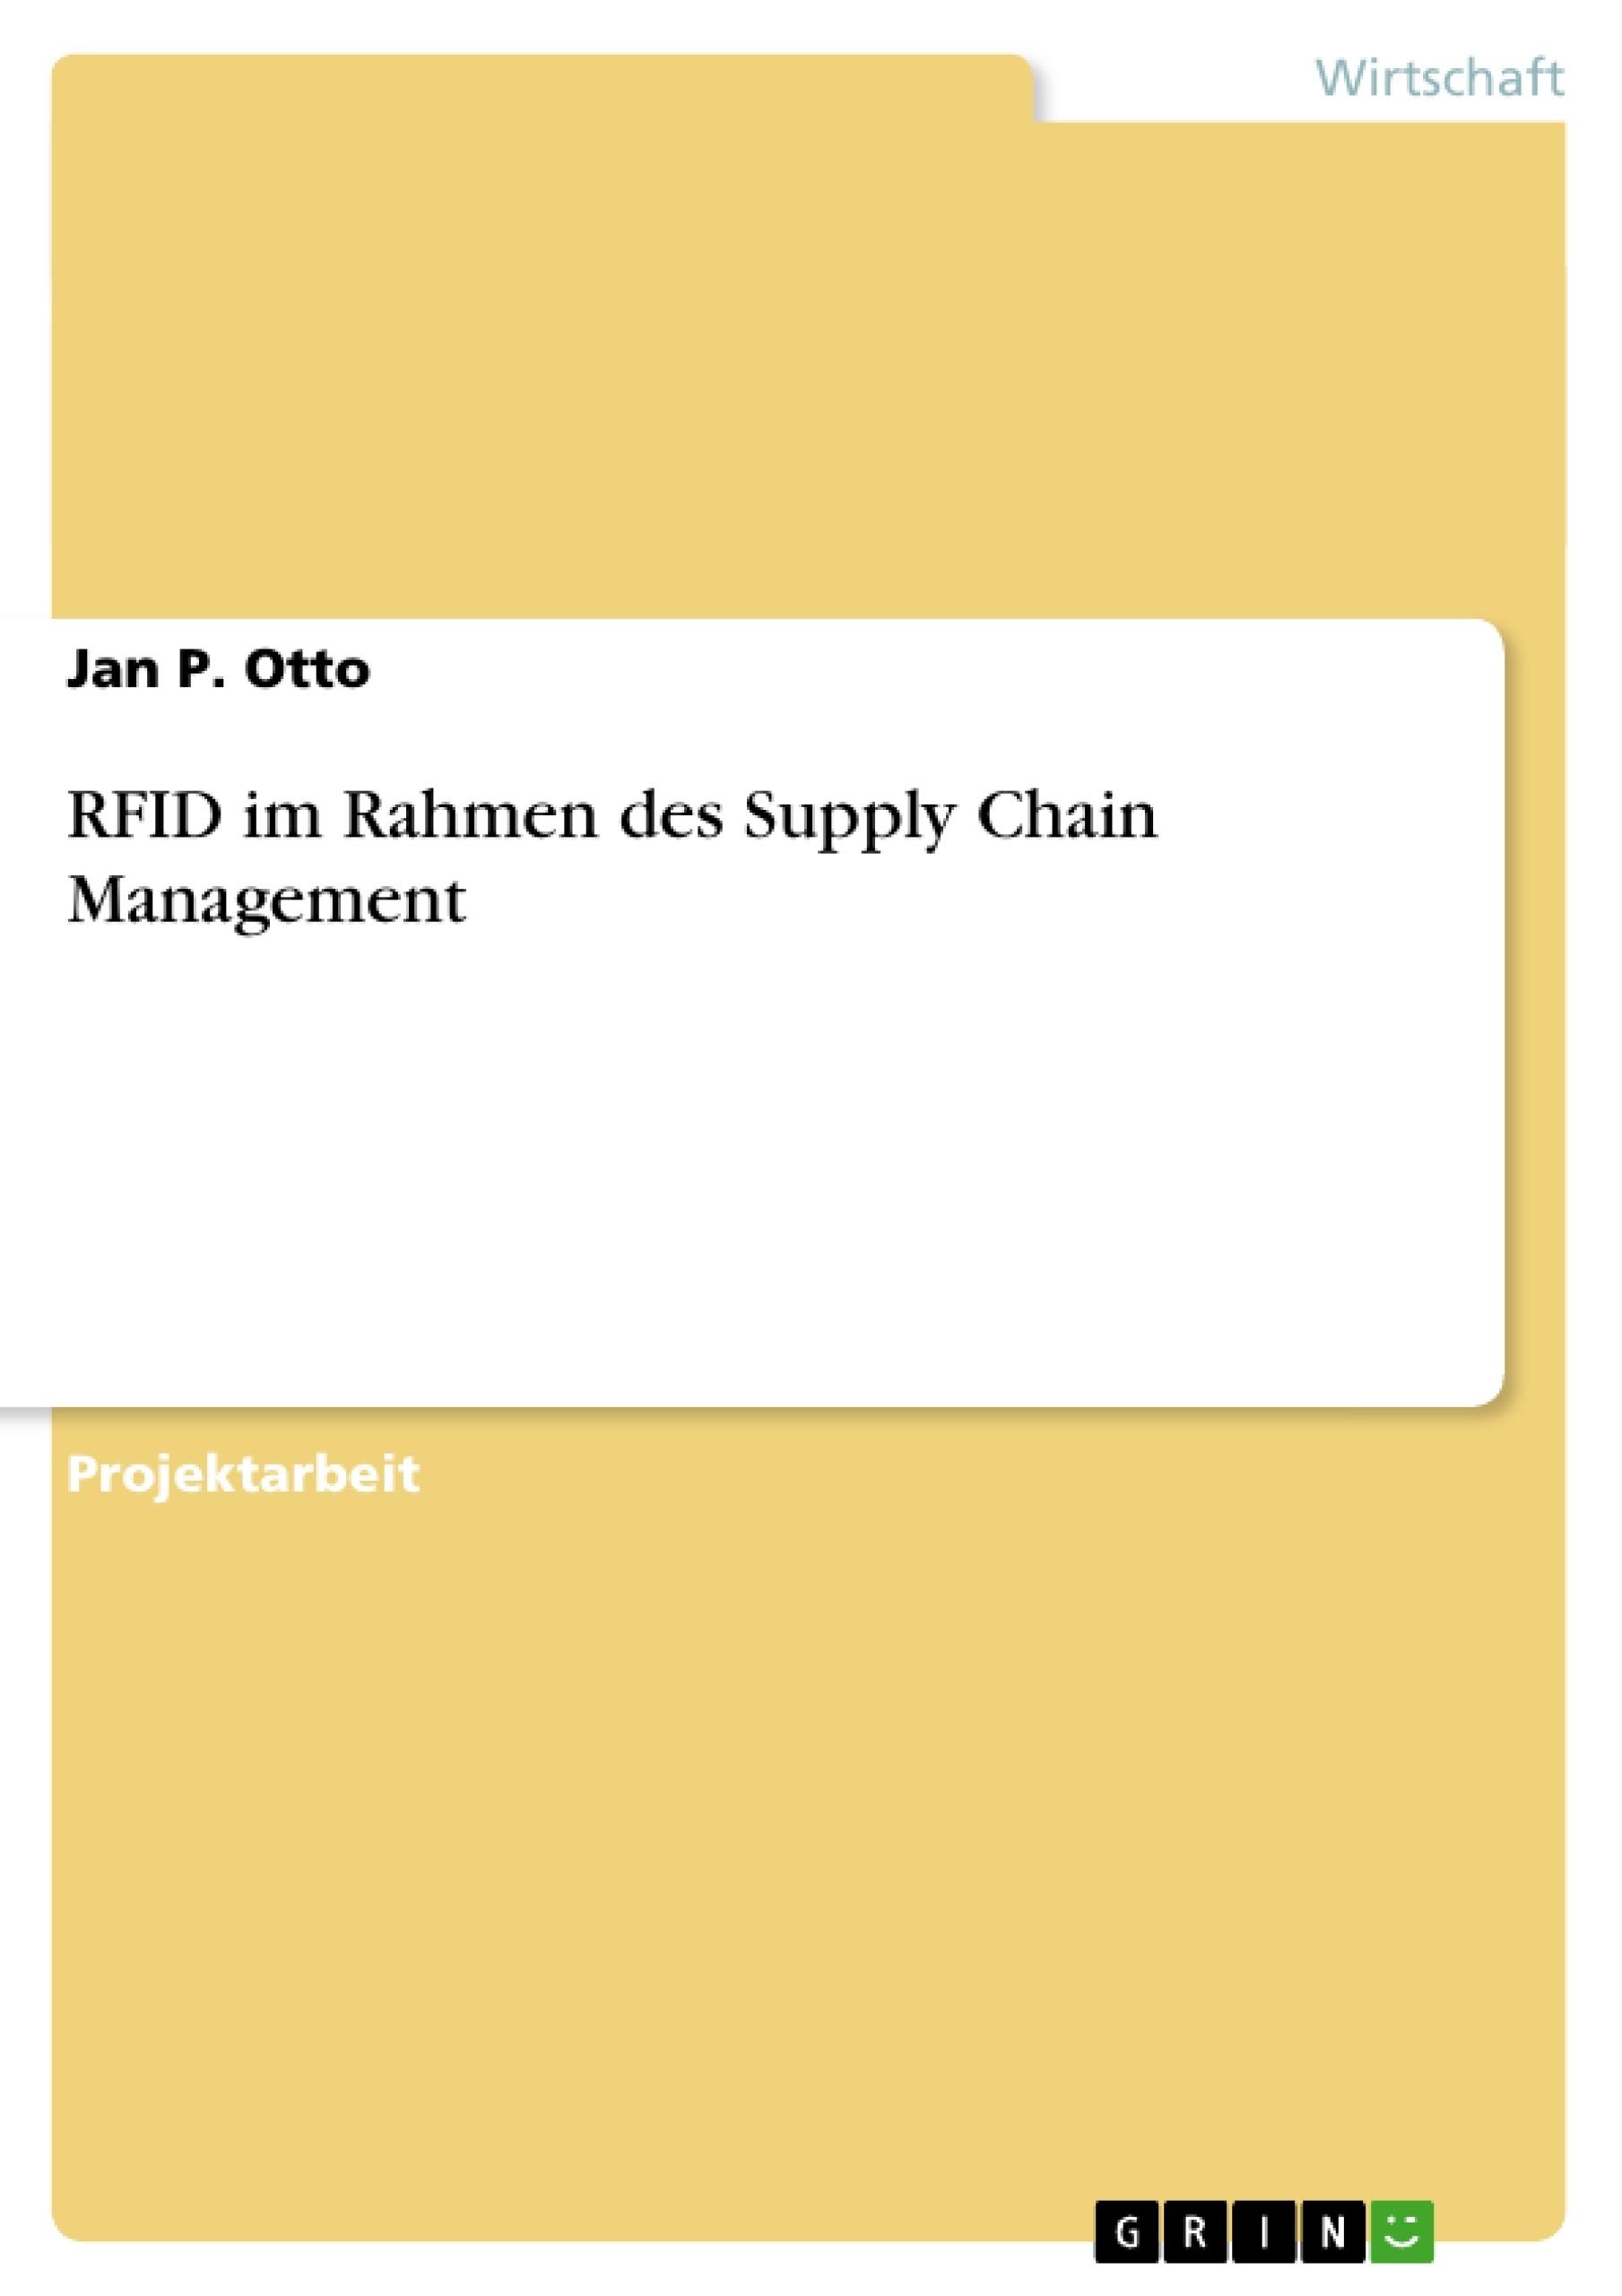 Titel: RFID im Rahmen des Supply Chain Management